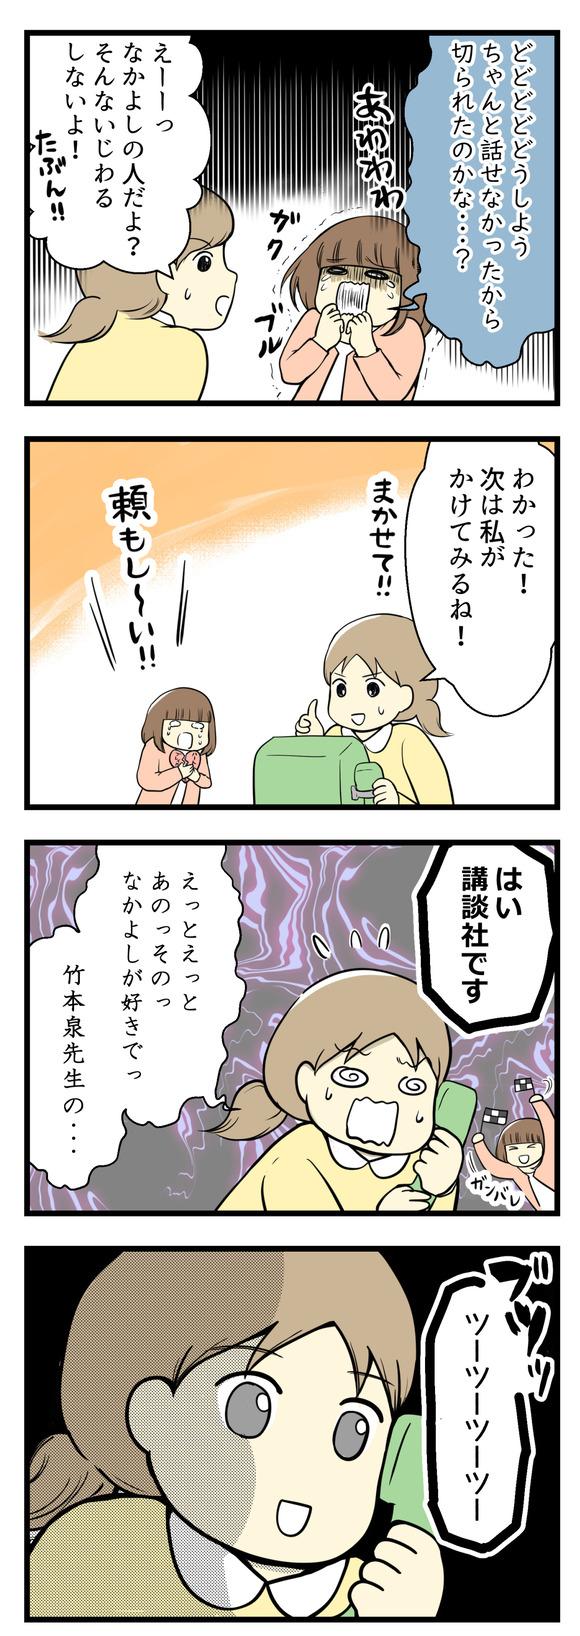 少女漫画好きな小学生が講談社に電話した結果-8-